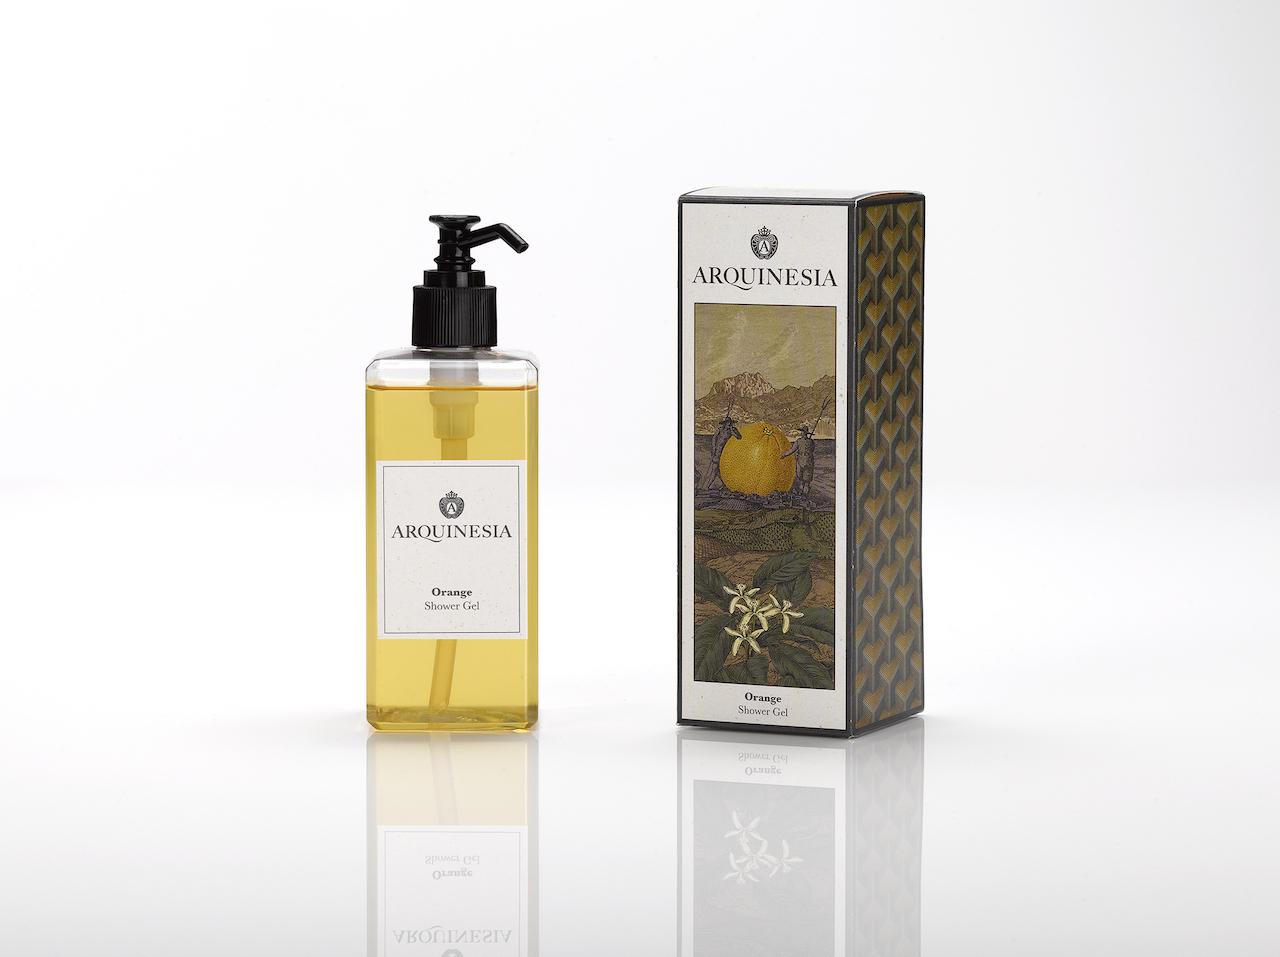 Das natürliche, vegane Duschgel (300ml) von Arquinesia eignet sich besonders für häufiges Duschen. Duft: Orange.